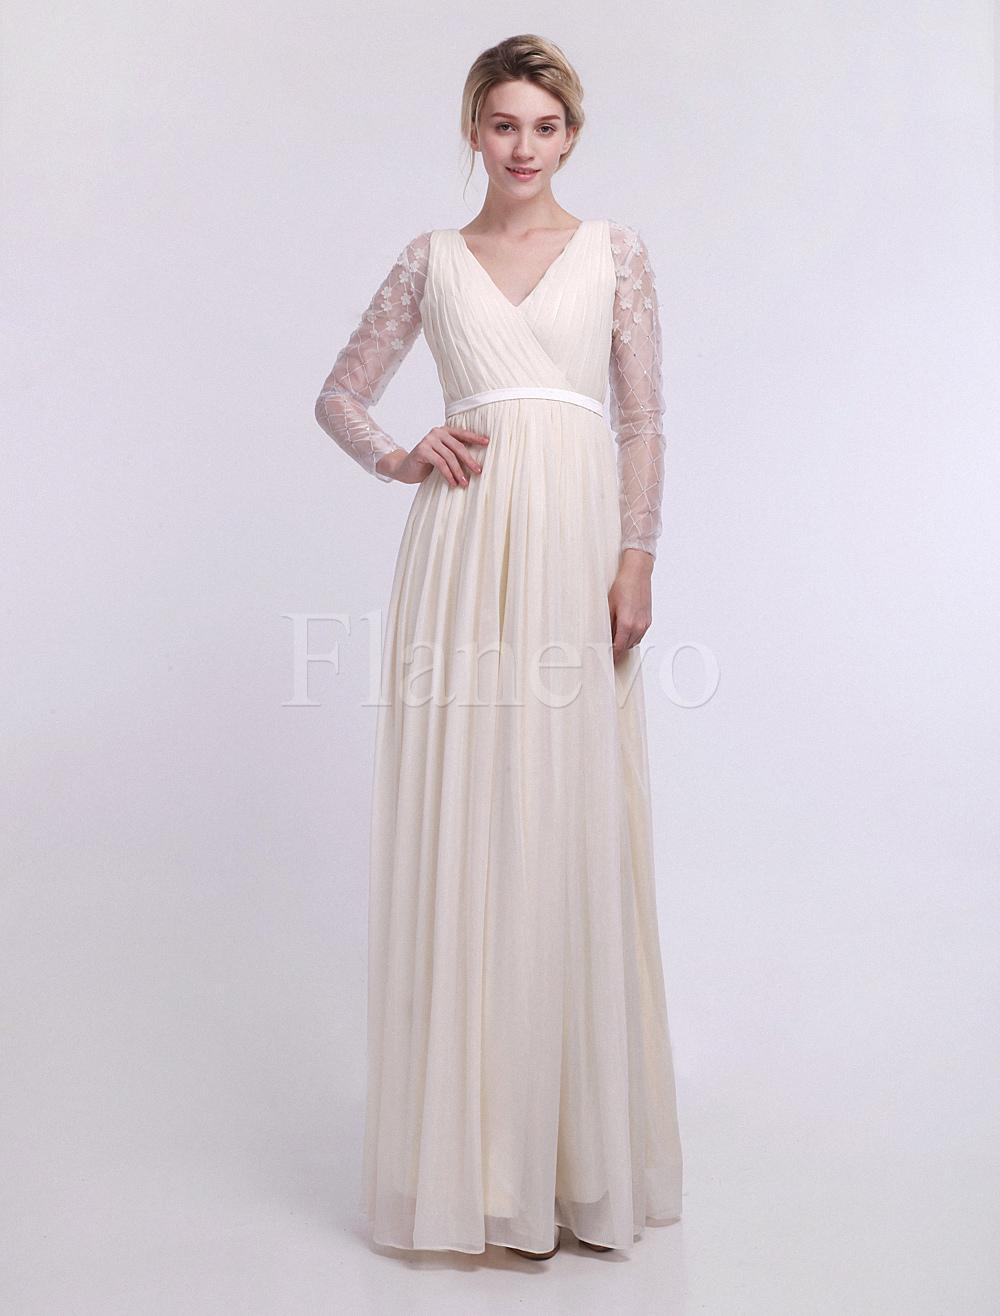 Bodenlanges Kleid mit Spitze Milanoo - Empire-Stil - flanevo